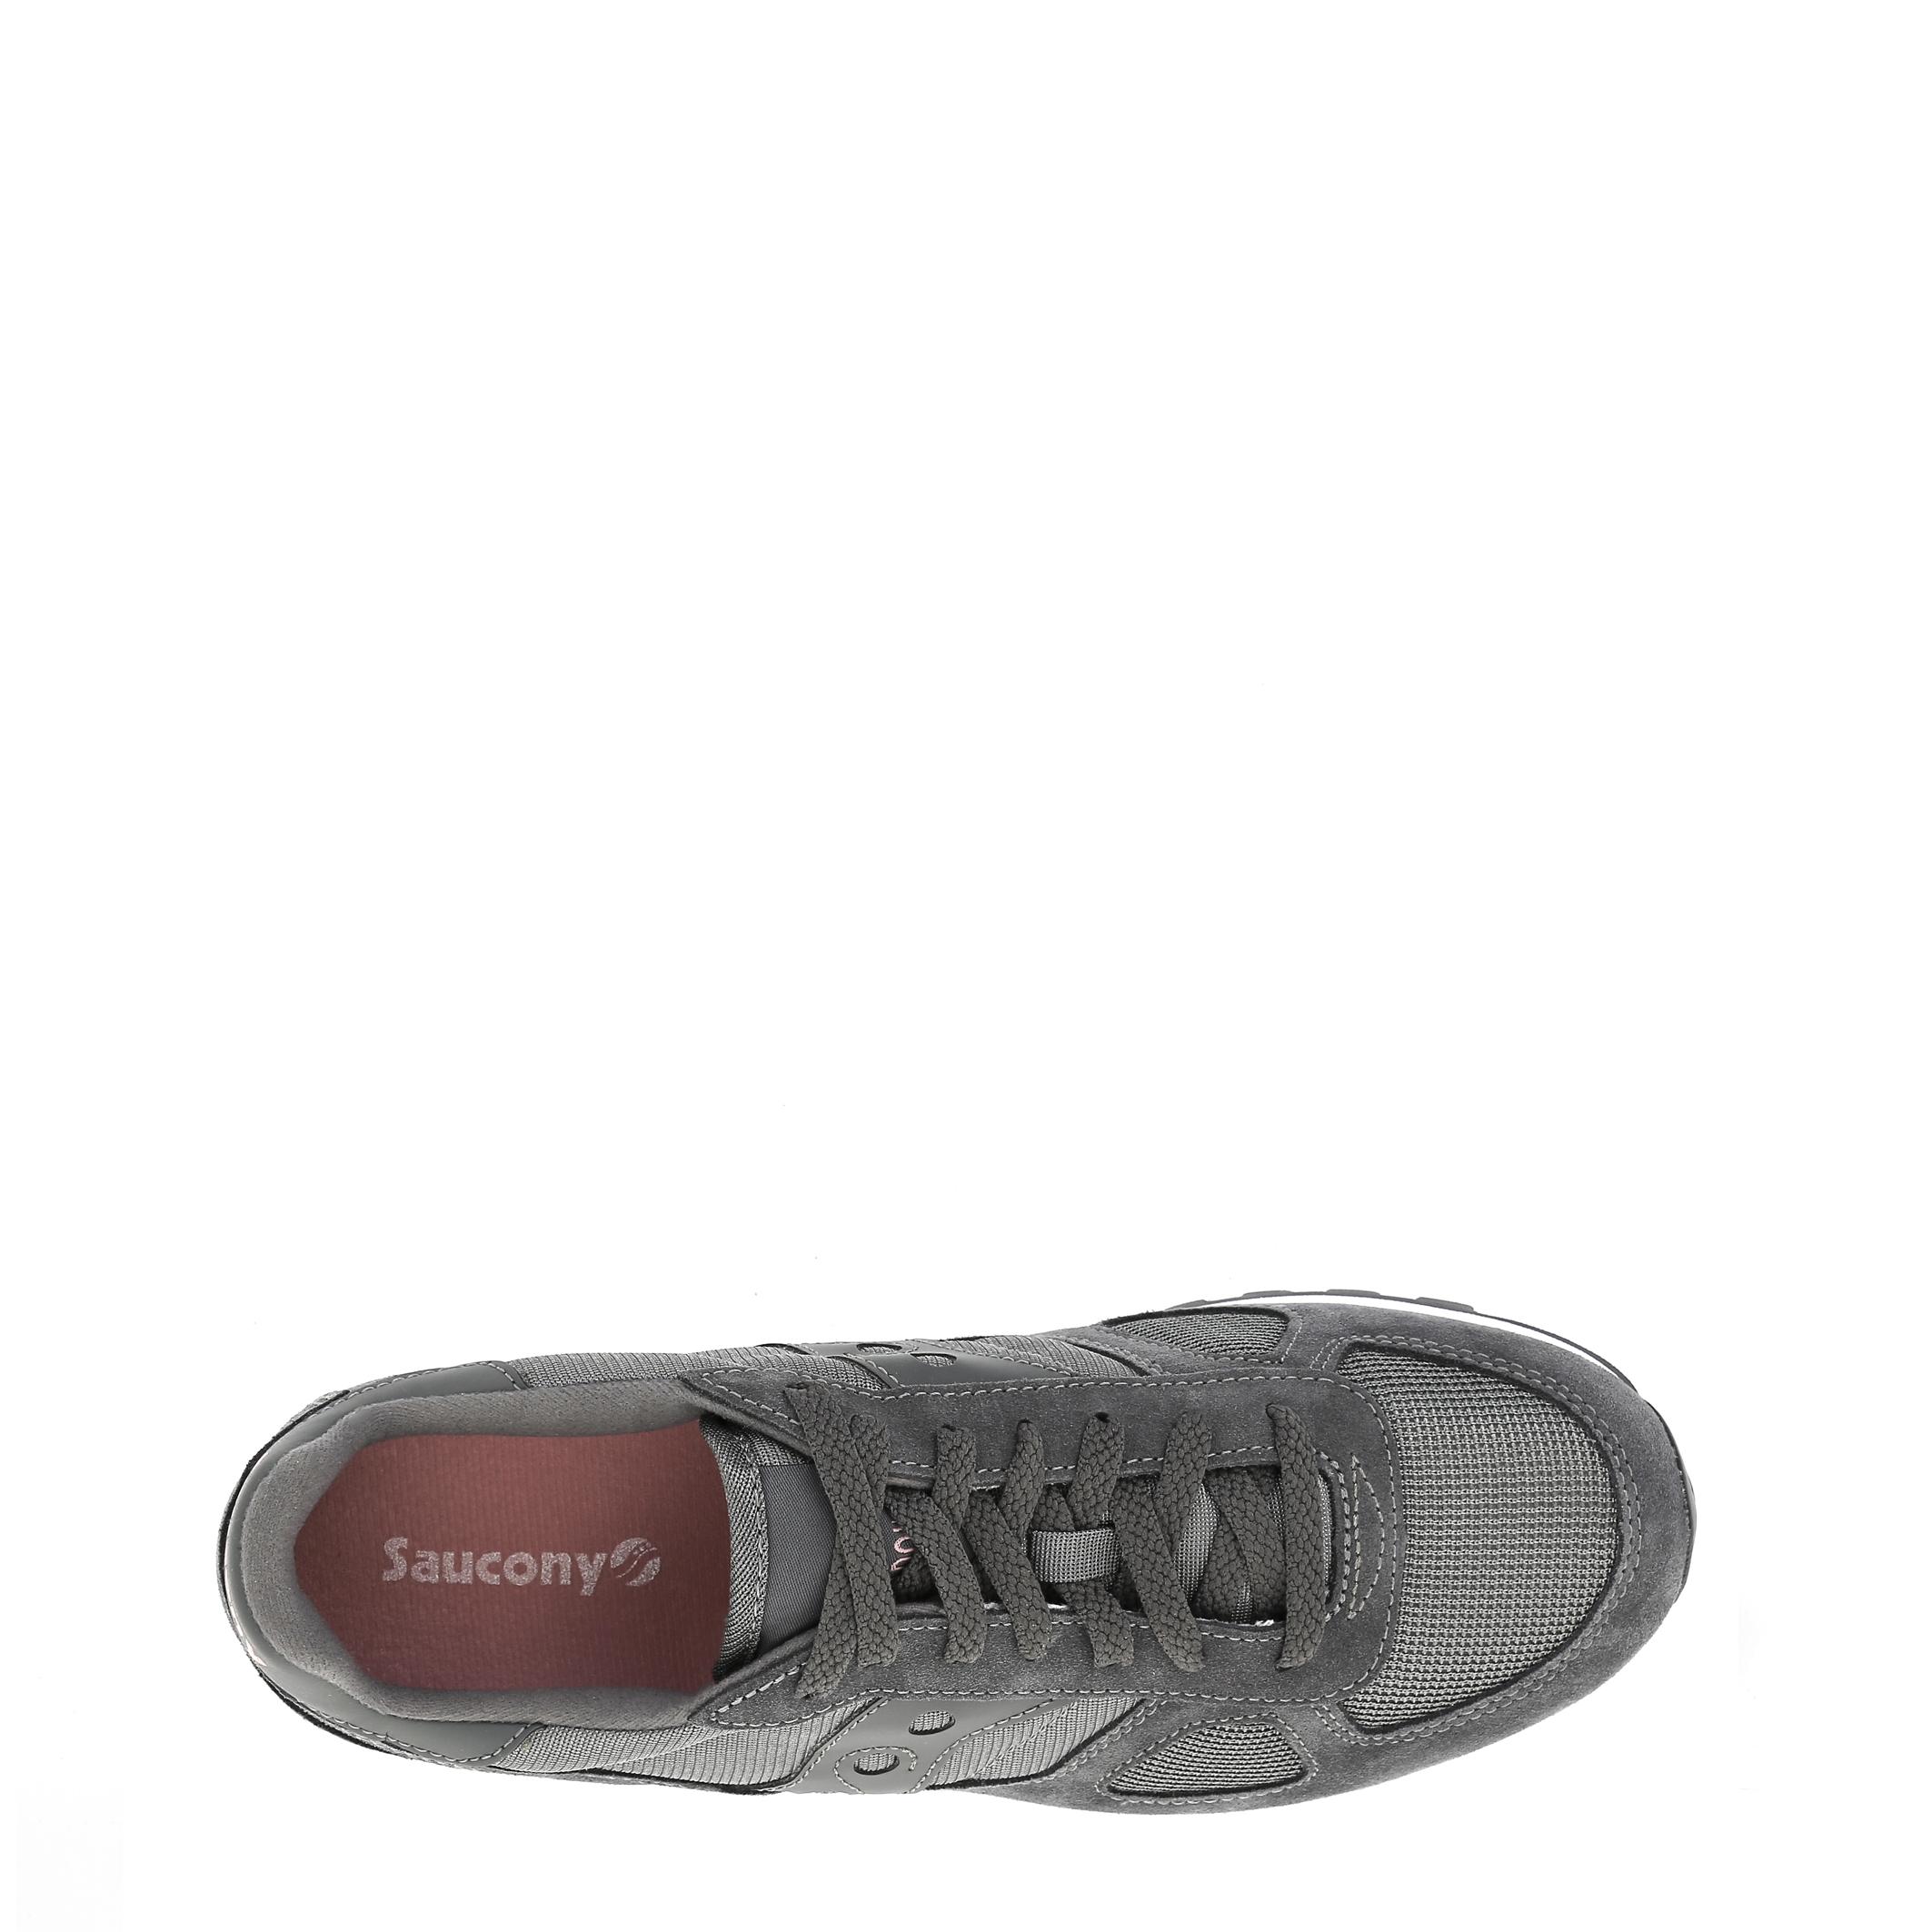 Sneakers-Saucony-SHADOW-2108-Uomo-Grigio-92831 miniatura 3